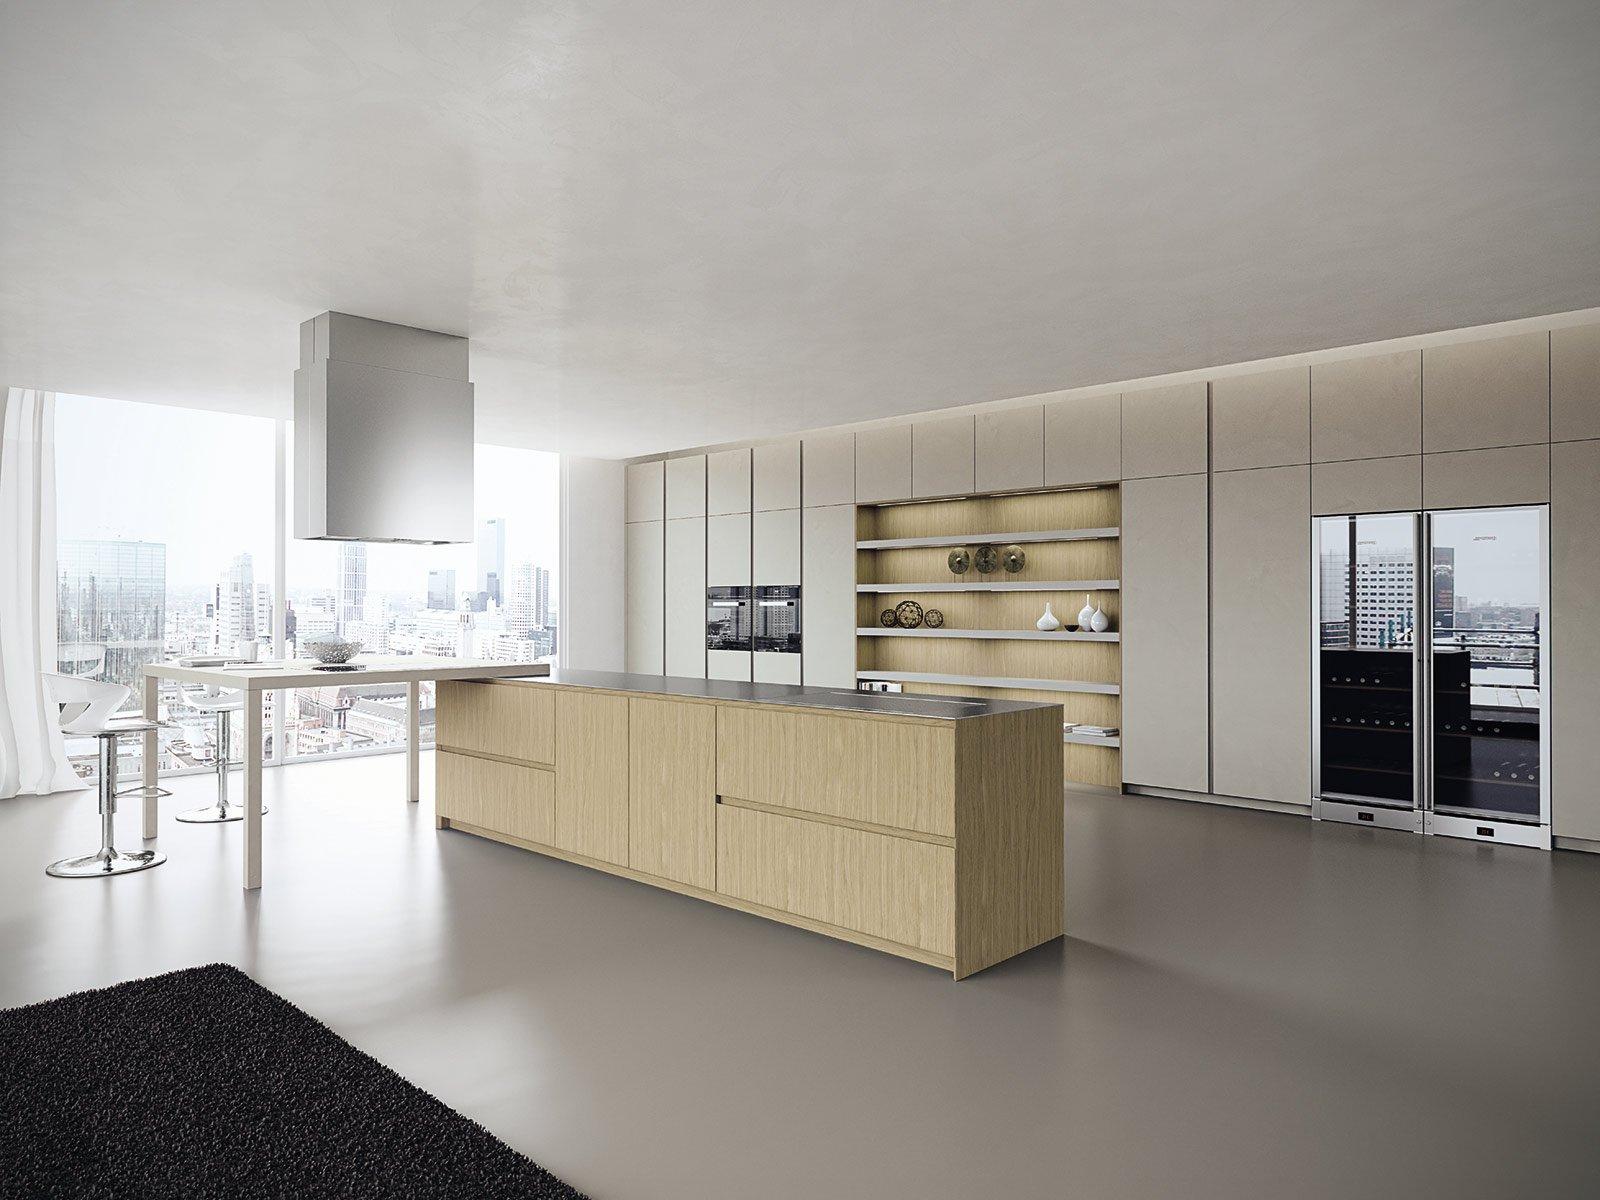 Cucine moderne in legno cose di casa for Design di cucine moderne